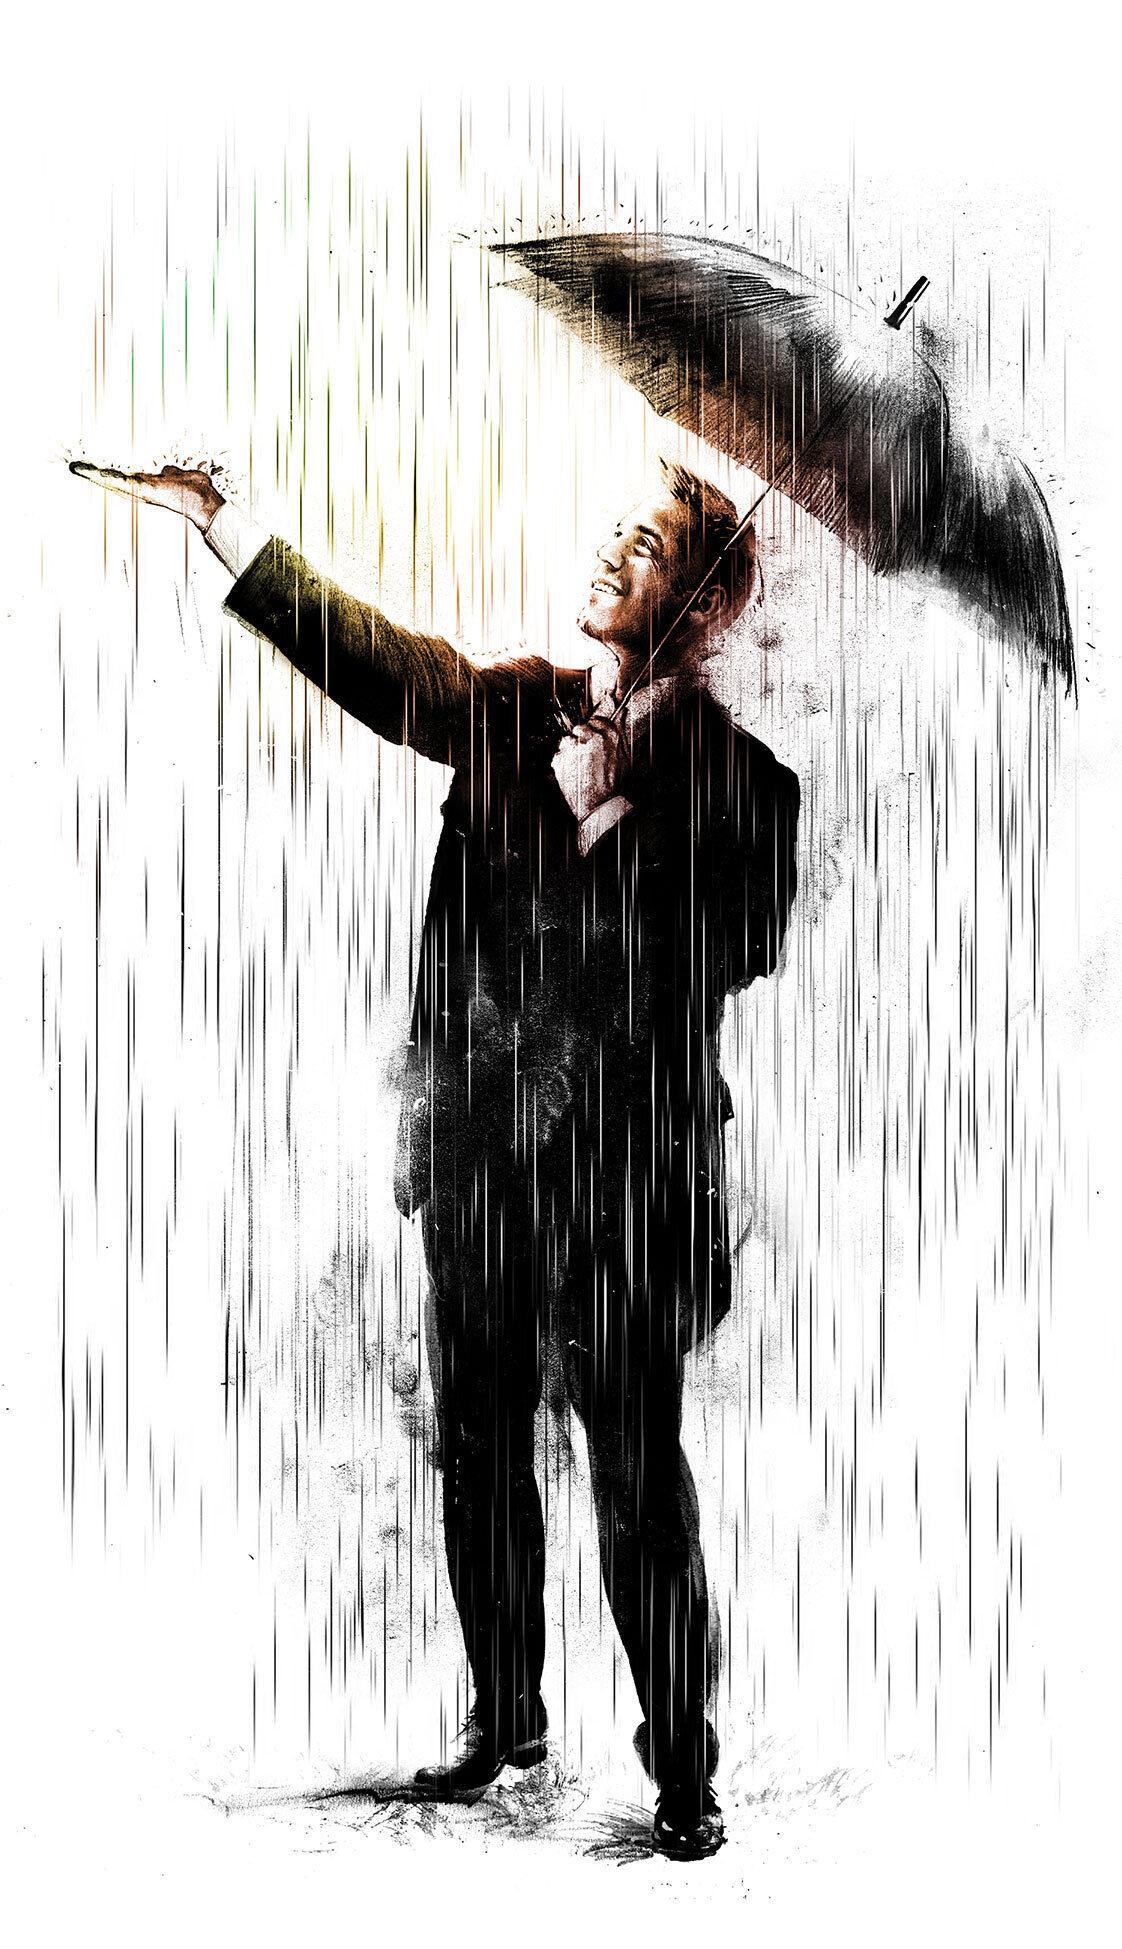 Optimist illustration - Kornel Illustration | Kornel Stadler portfolio